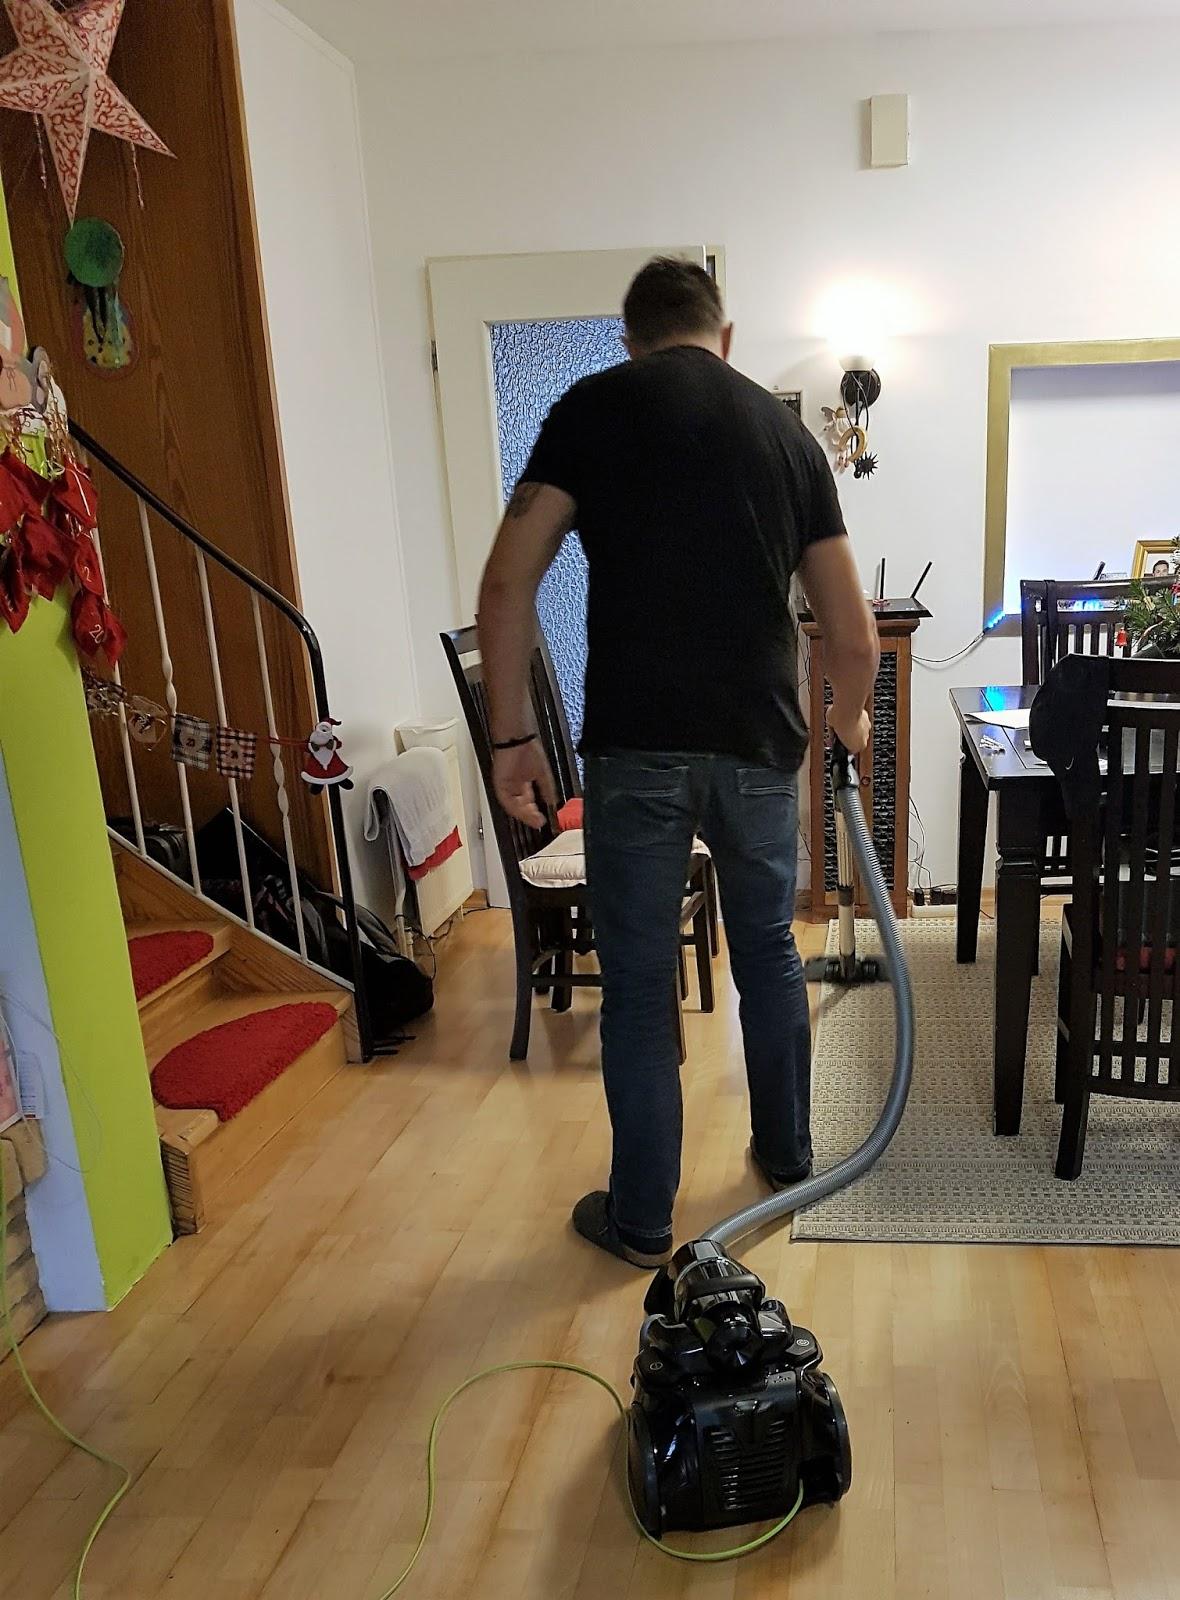 der beutellose aeg staubsauger lx8 1 ko im test arbeitserleichterung mit viel power mihaela. Black Bedroom Furniture Sets. Home Design Ideas